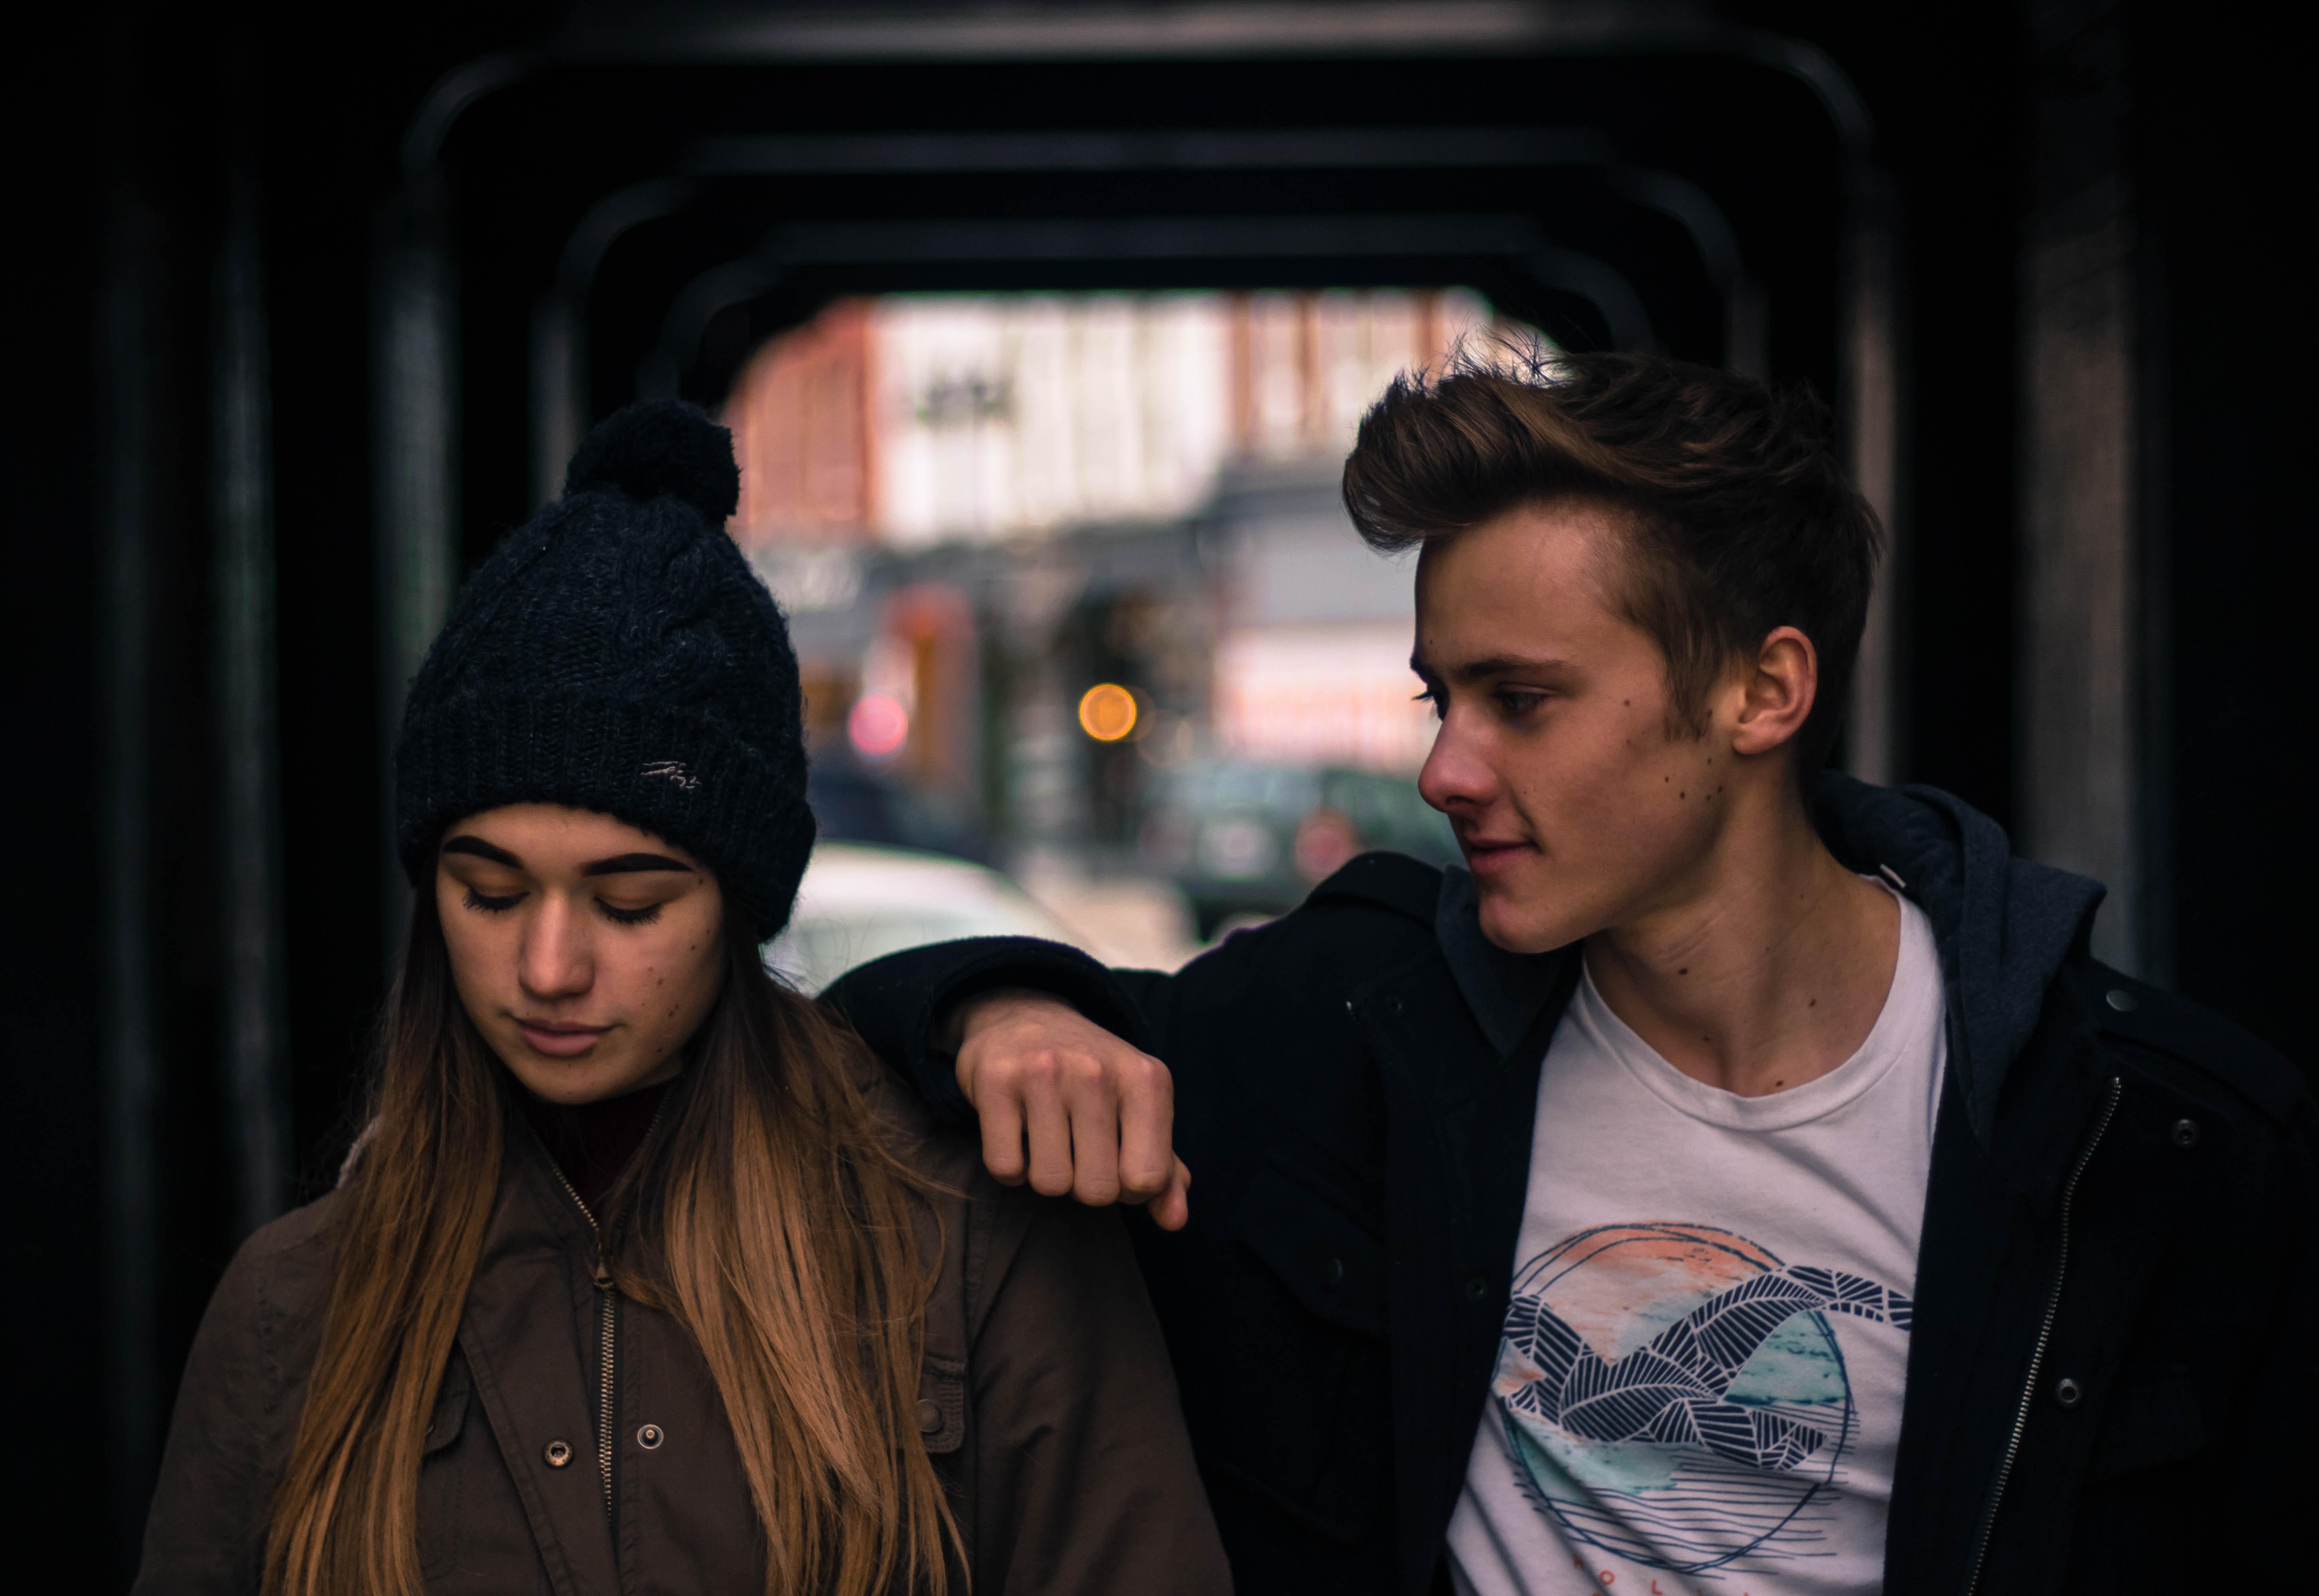 En tjej och en kille står  bredvid varandra i tunnel och poserar